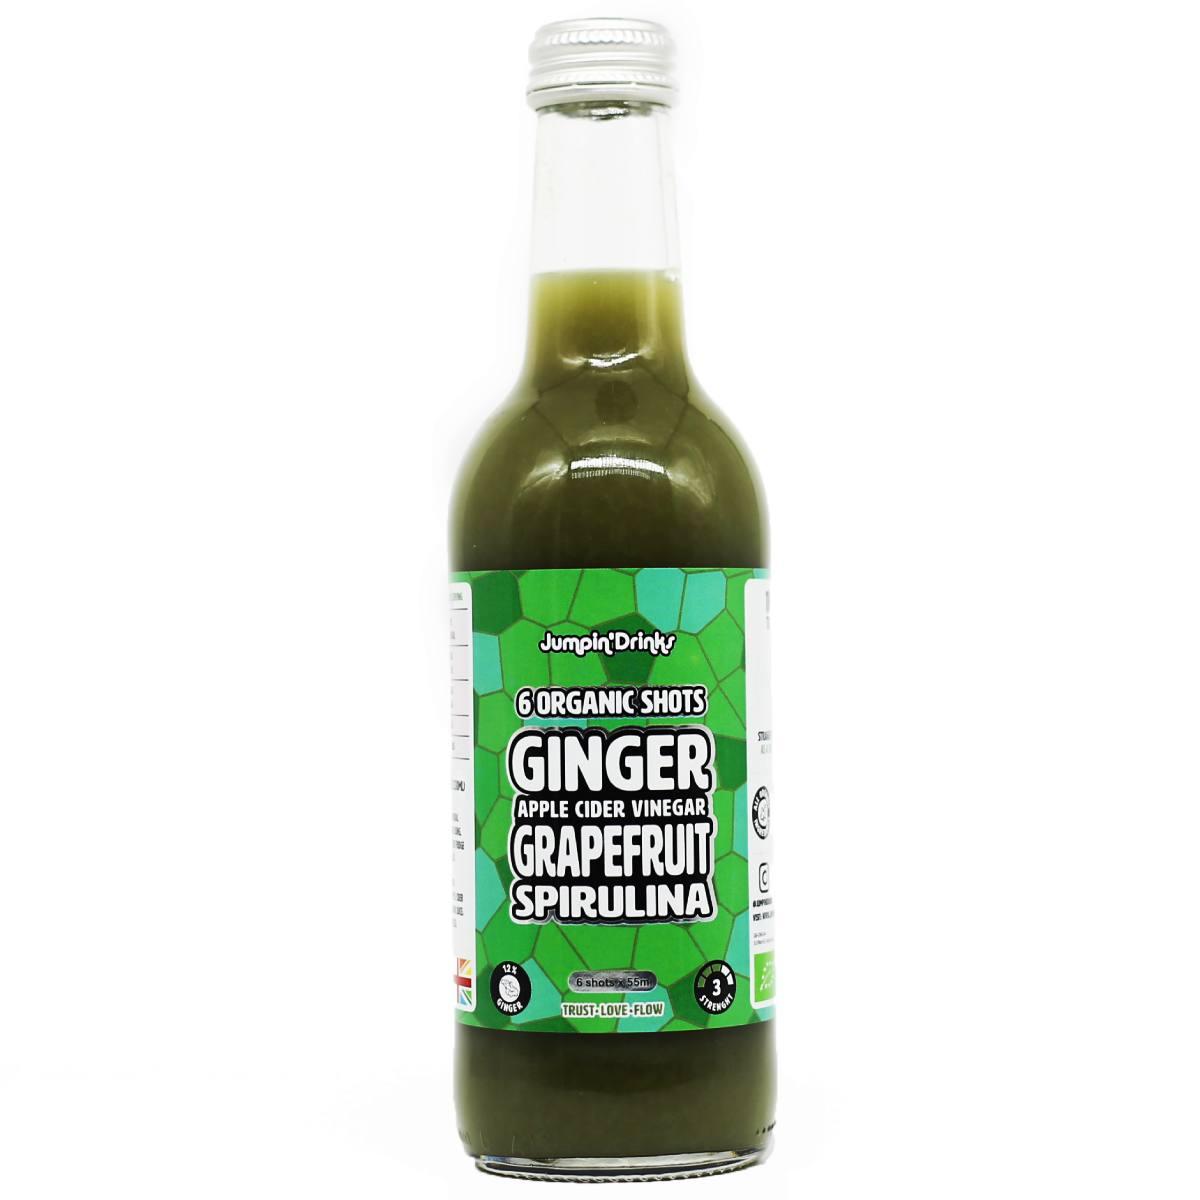 Ginger, Apple Cider Vinegar, Grapefruit, Spirulina Shots